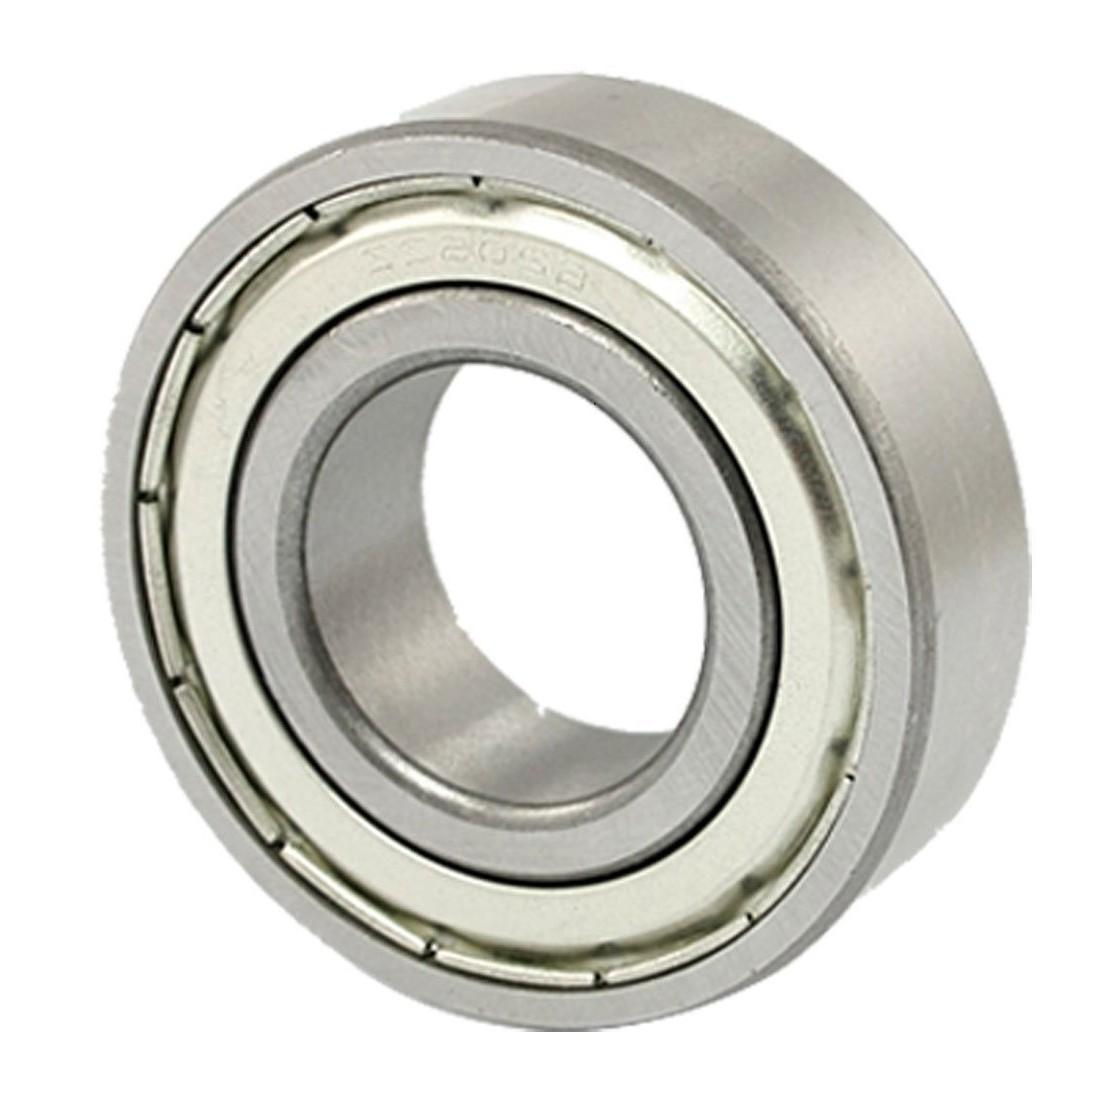 NSK 25*62*17mm Ball Bearing 6205z Deep Groove Ball Bearing 6205z